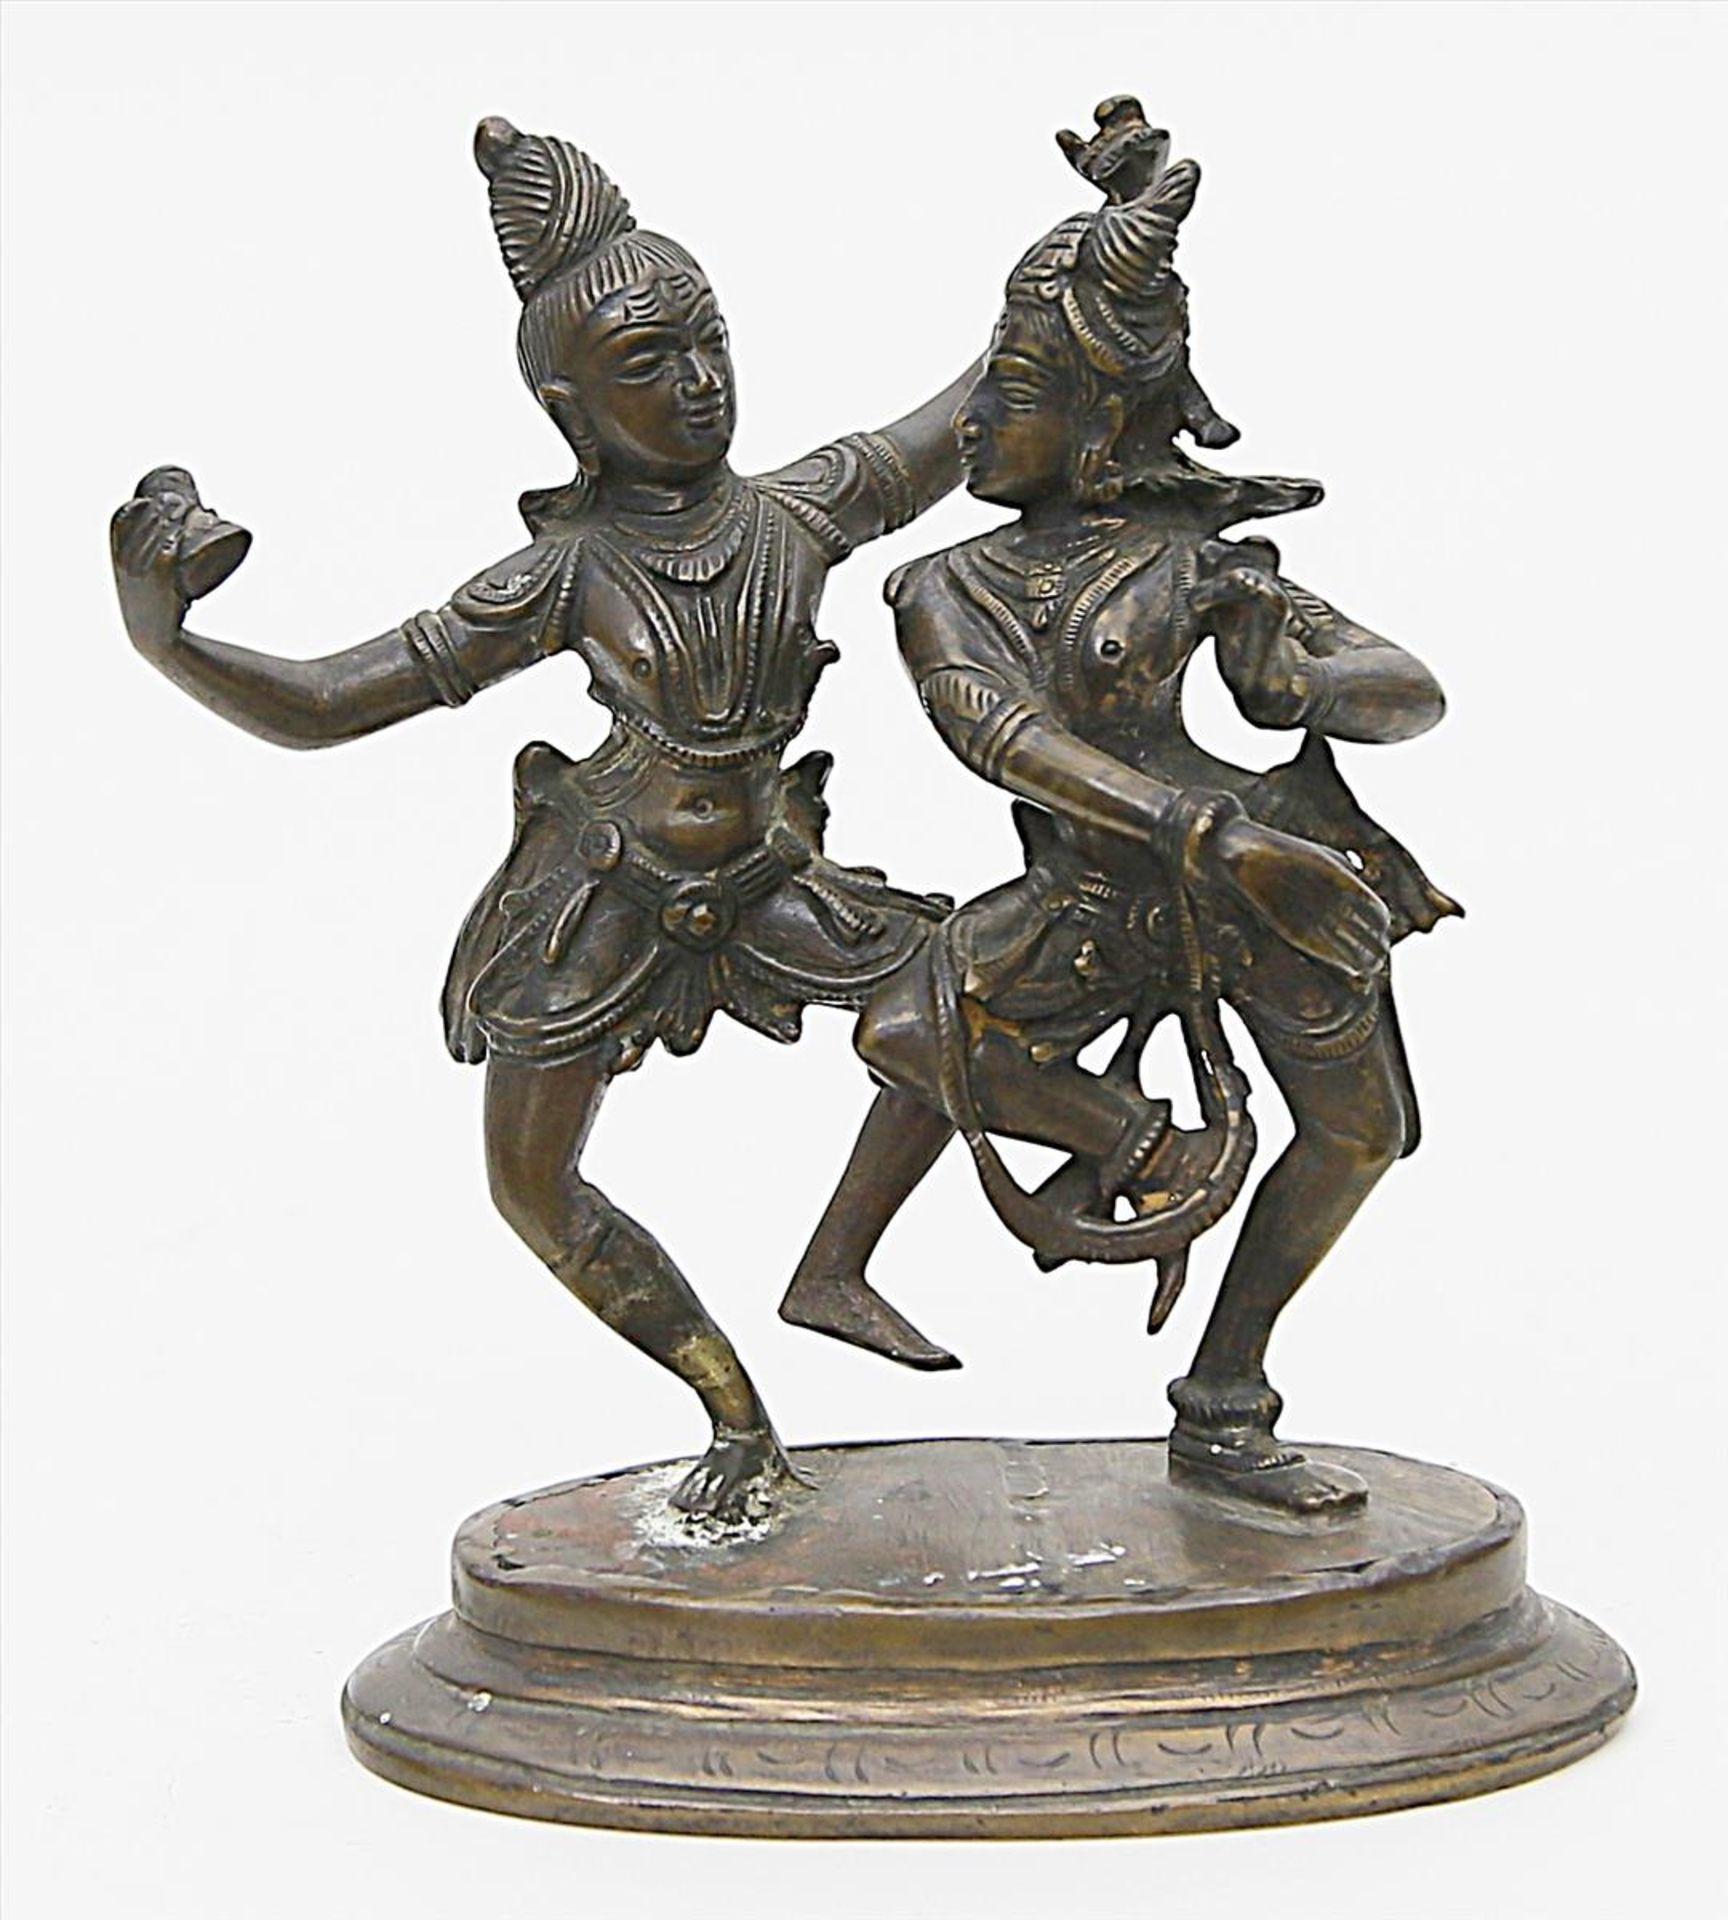 Los 1565 - Skulpturengruppe zweier Tänzerinnen.Bronze mit dunkelbrauner Patina. Ovaler Sockel. Indien, 19./